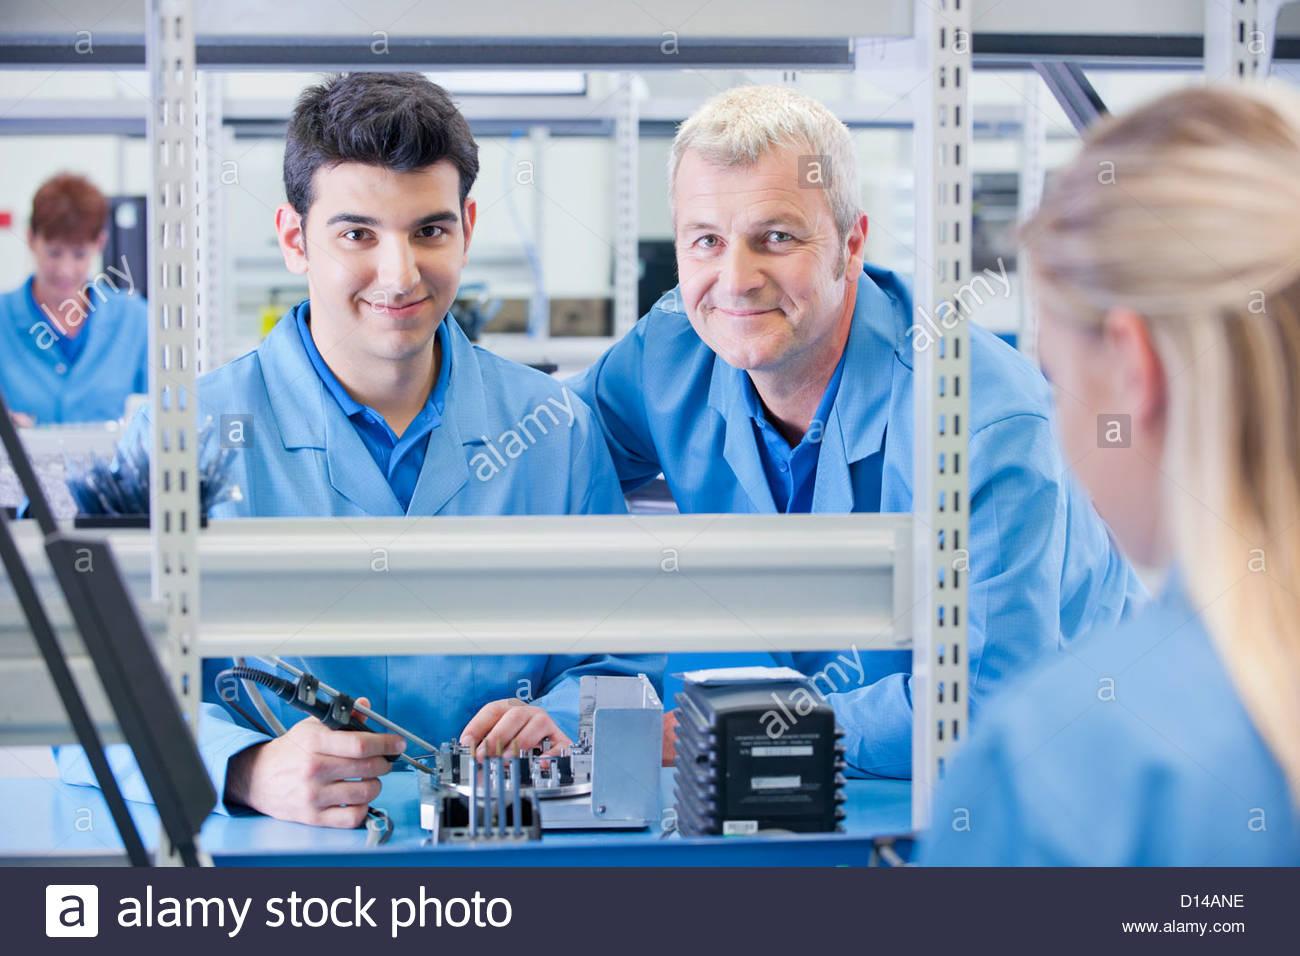 Portrait of smiling superviseur technicien et l'assemblage du circuit dans l'usine de fabrication Photo Stock